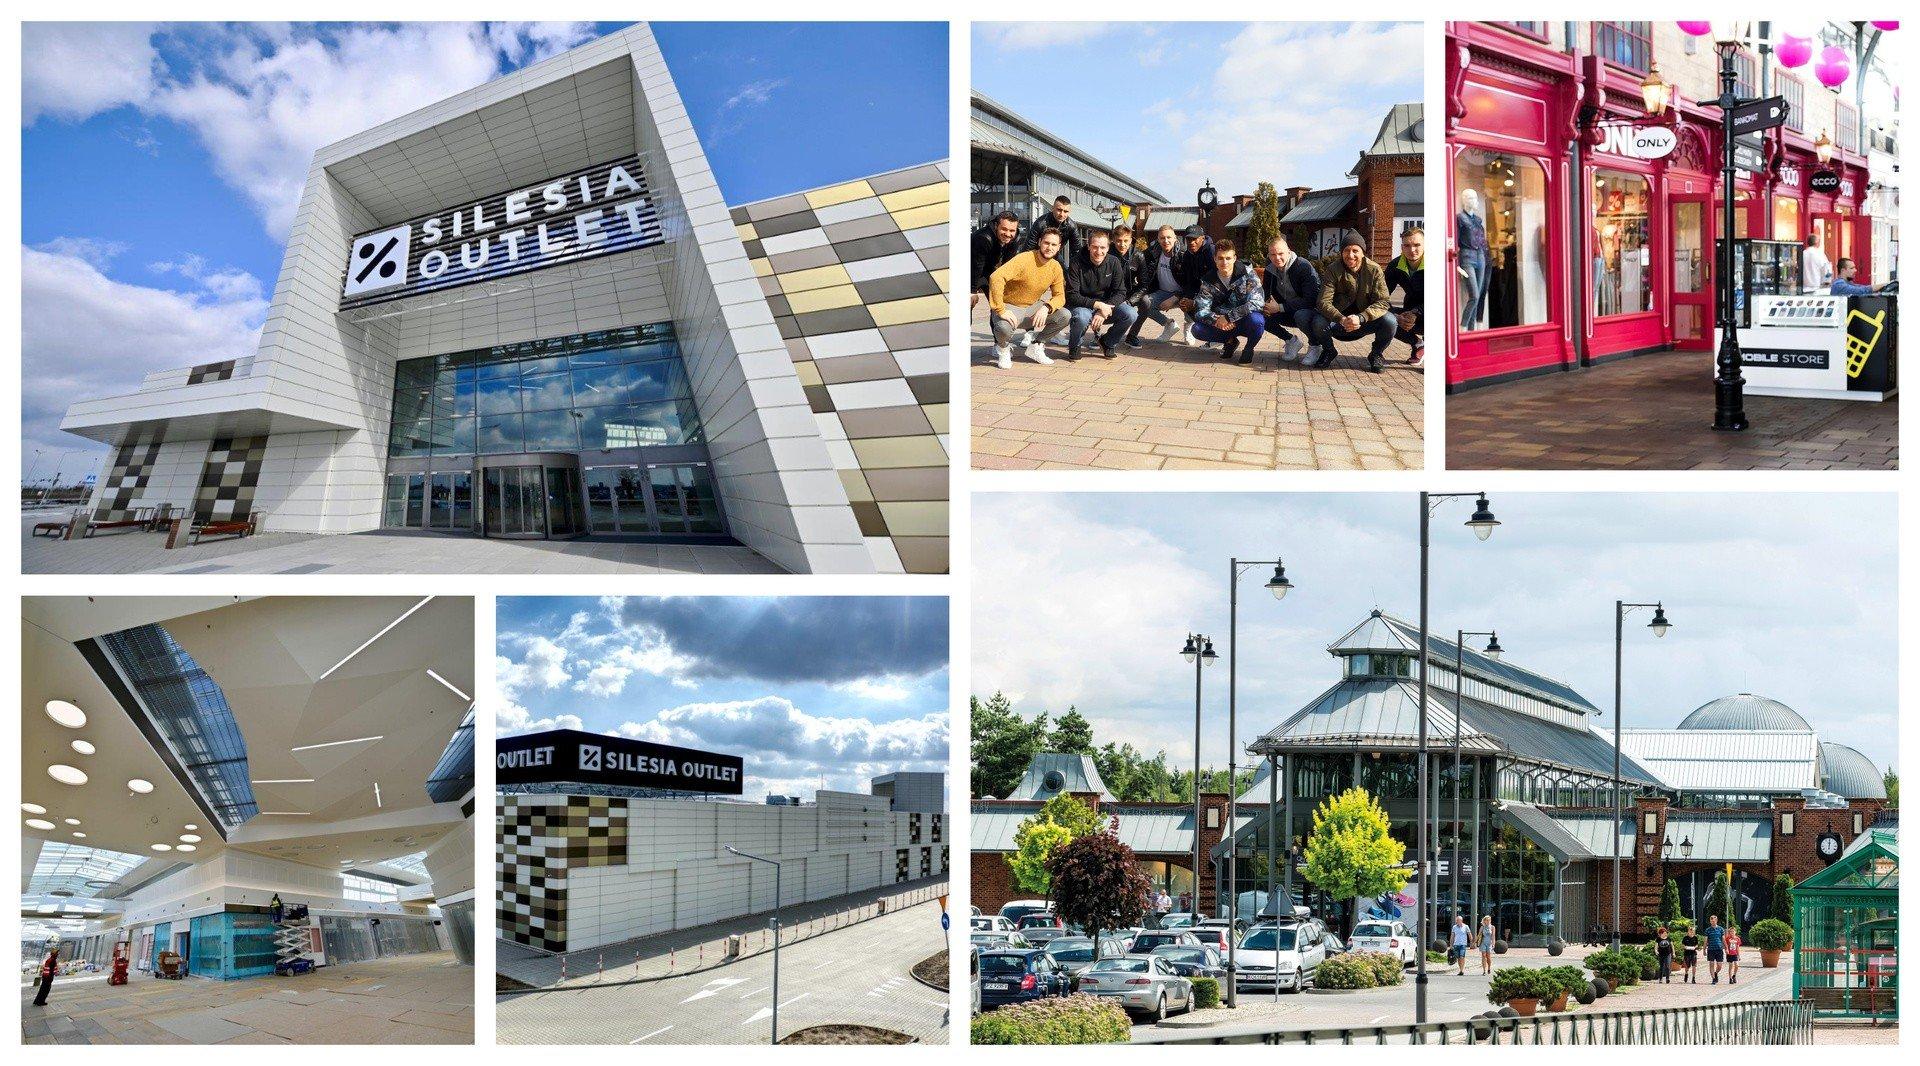 3ddc1f63370ec Silesia Outlet w Gliwicach kontra Designer Outlet (d. Fashion House) w  Sosnowcu. GDZIE LEPIEJ JECHAĆ NA ZAKUPY